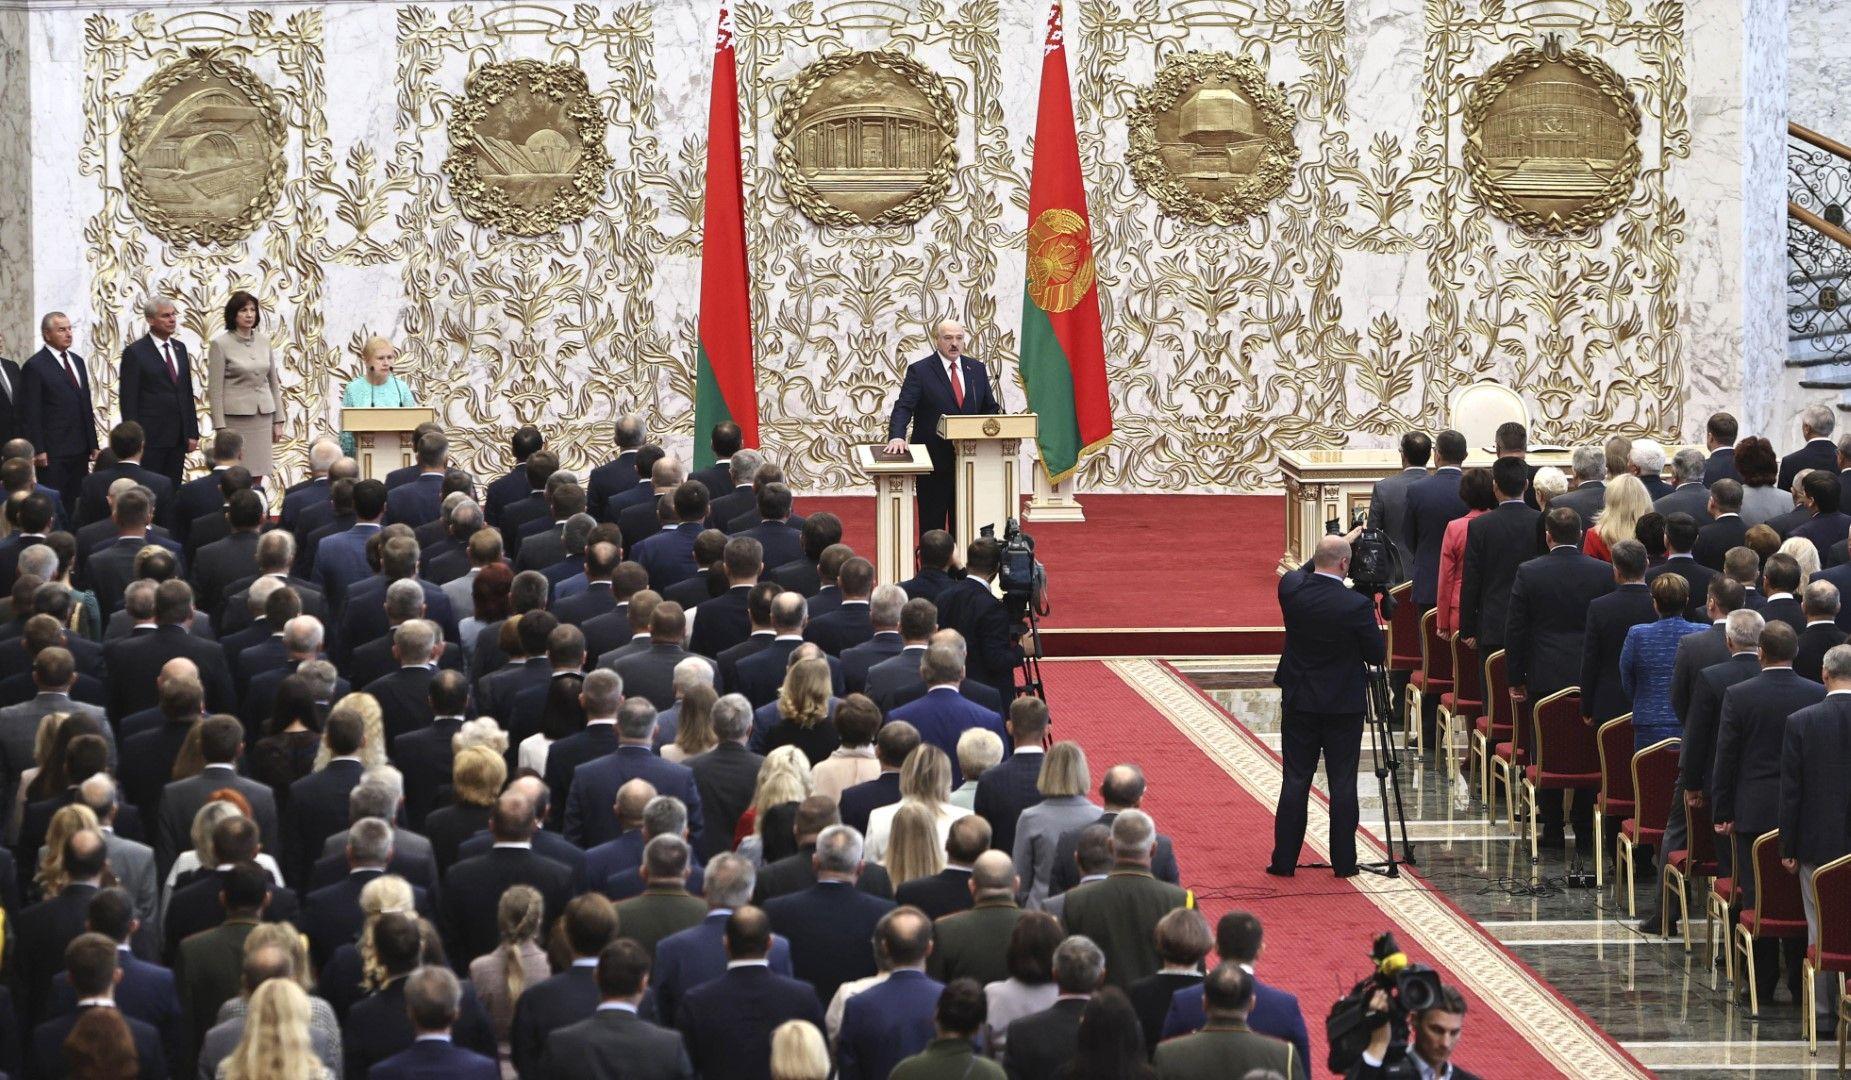 Александър Лукашенко положи клетва като президент на Беларус на необявена церемония на 23 септември